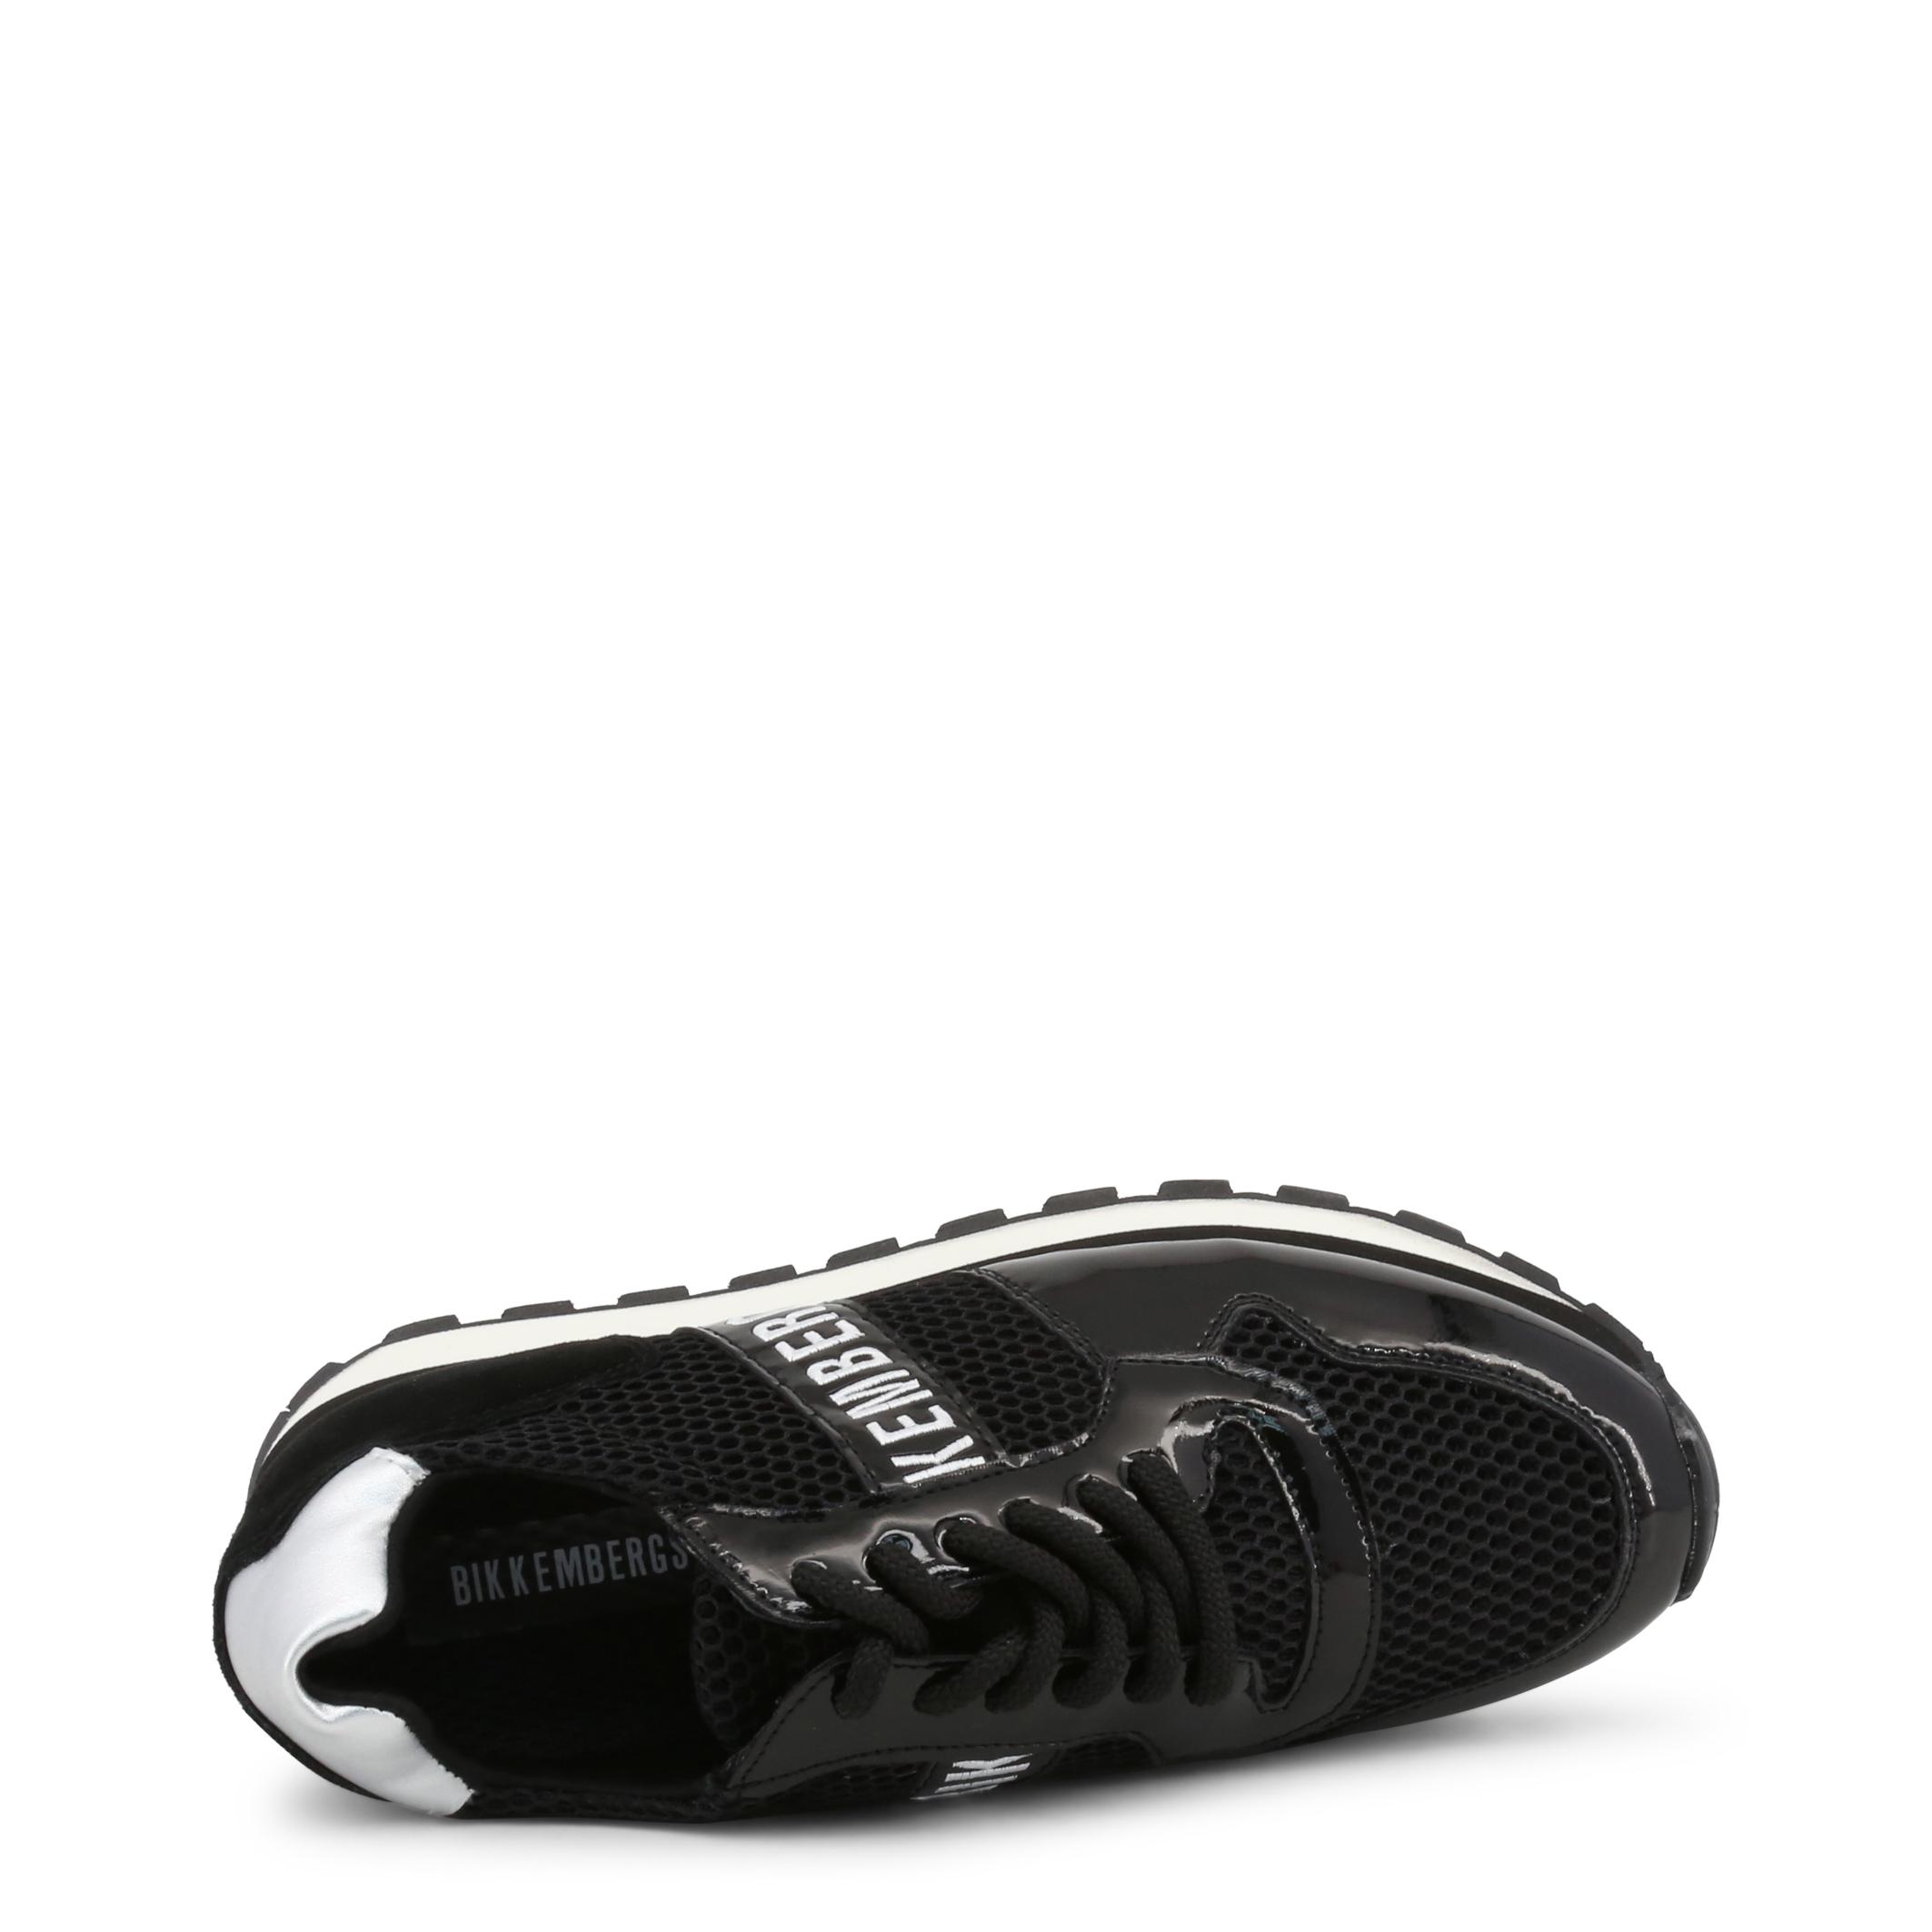 Baskets / Sneakers  Bikkembergs FEND-ER_2087-MESH black